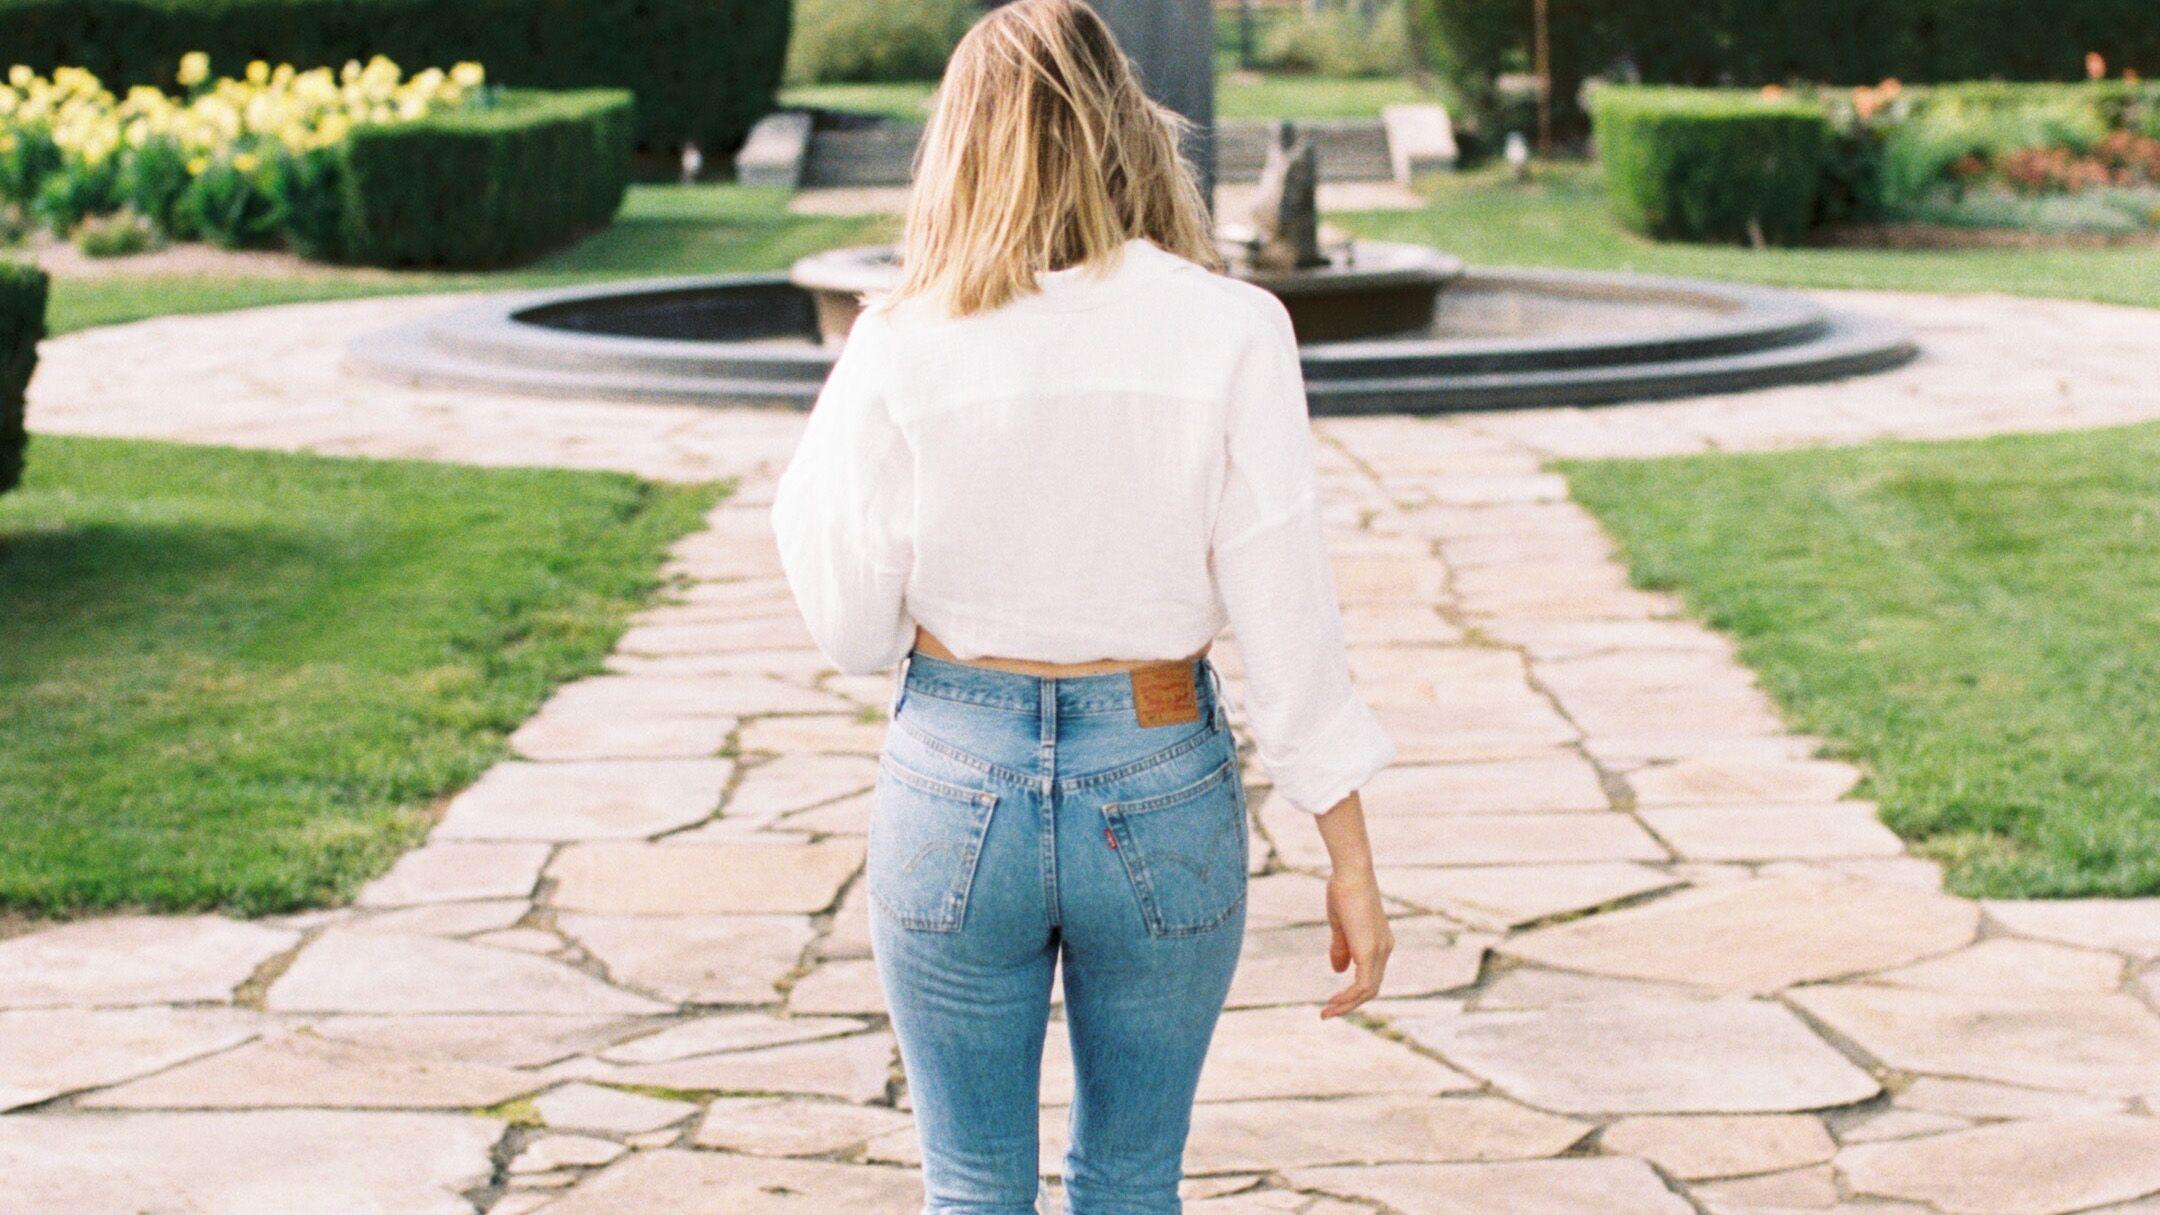 A shopper d'urgence : ces jeans qui amincissent